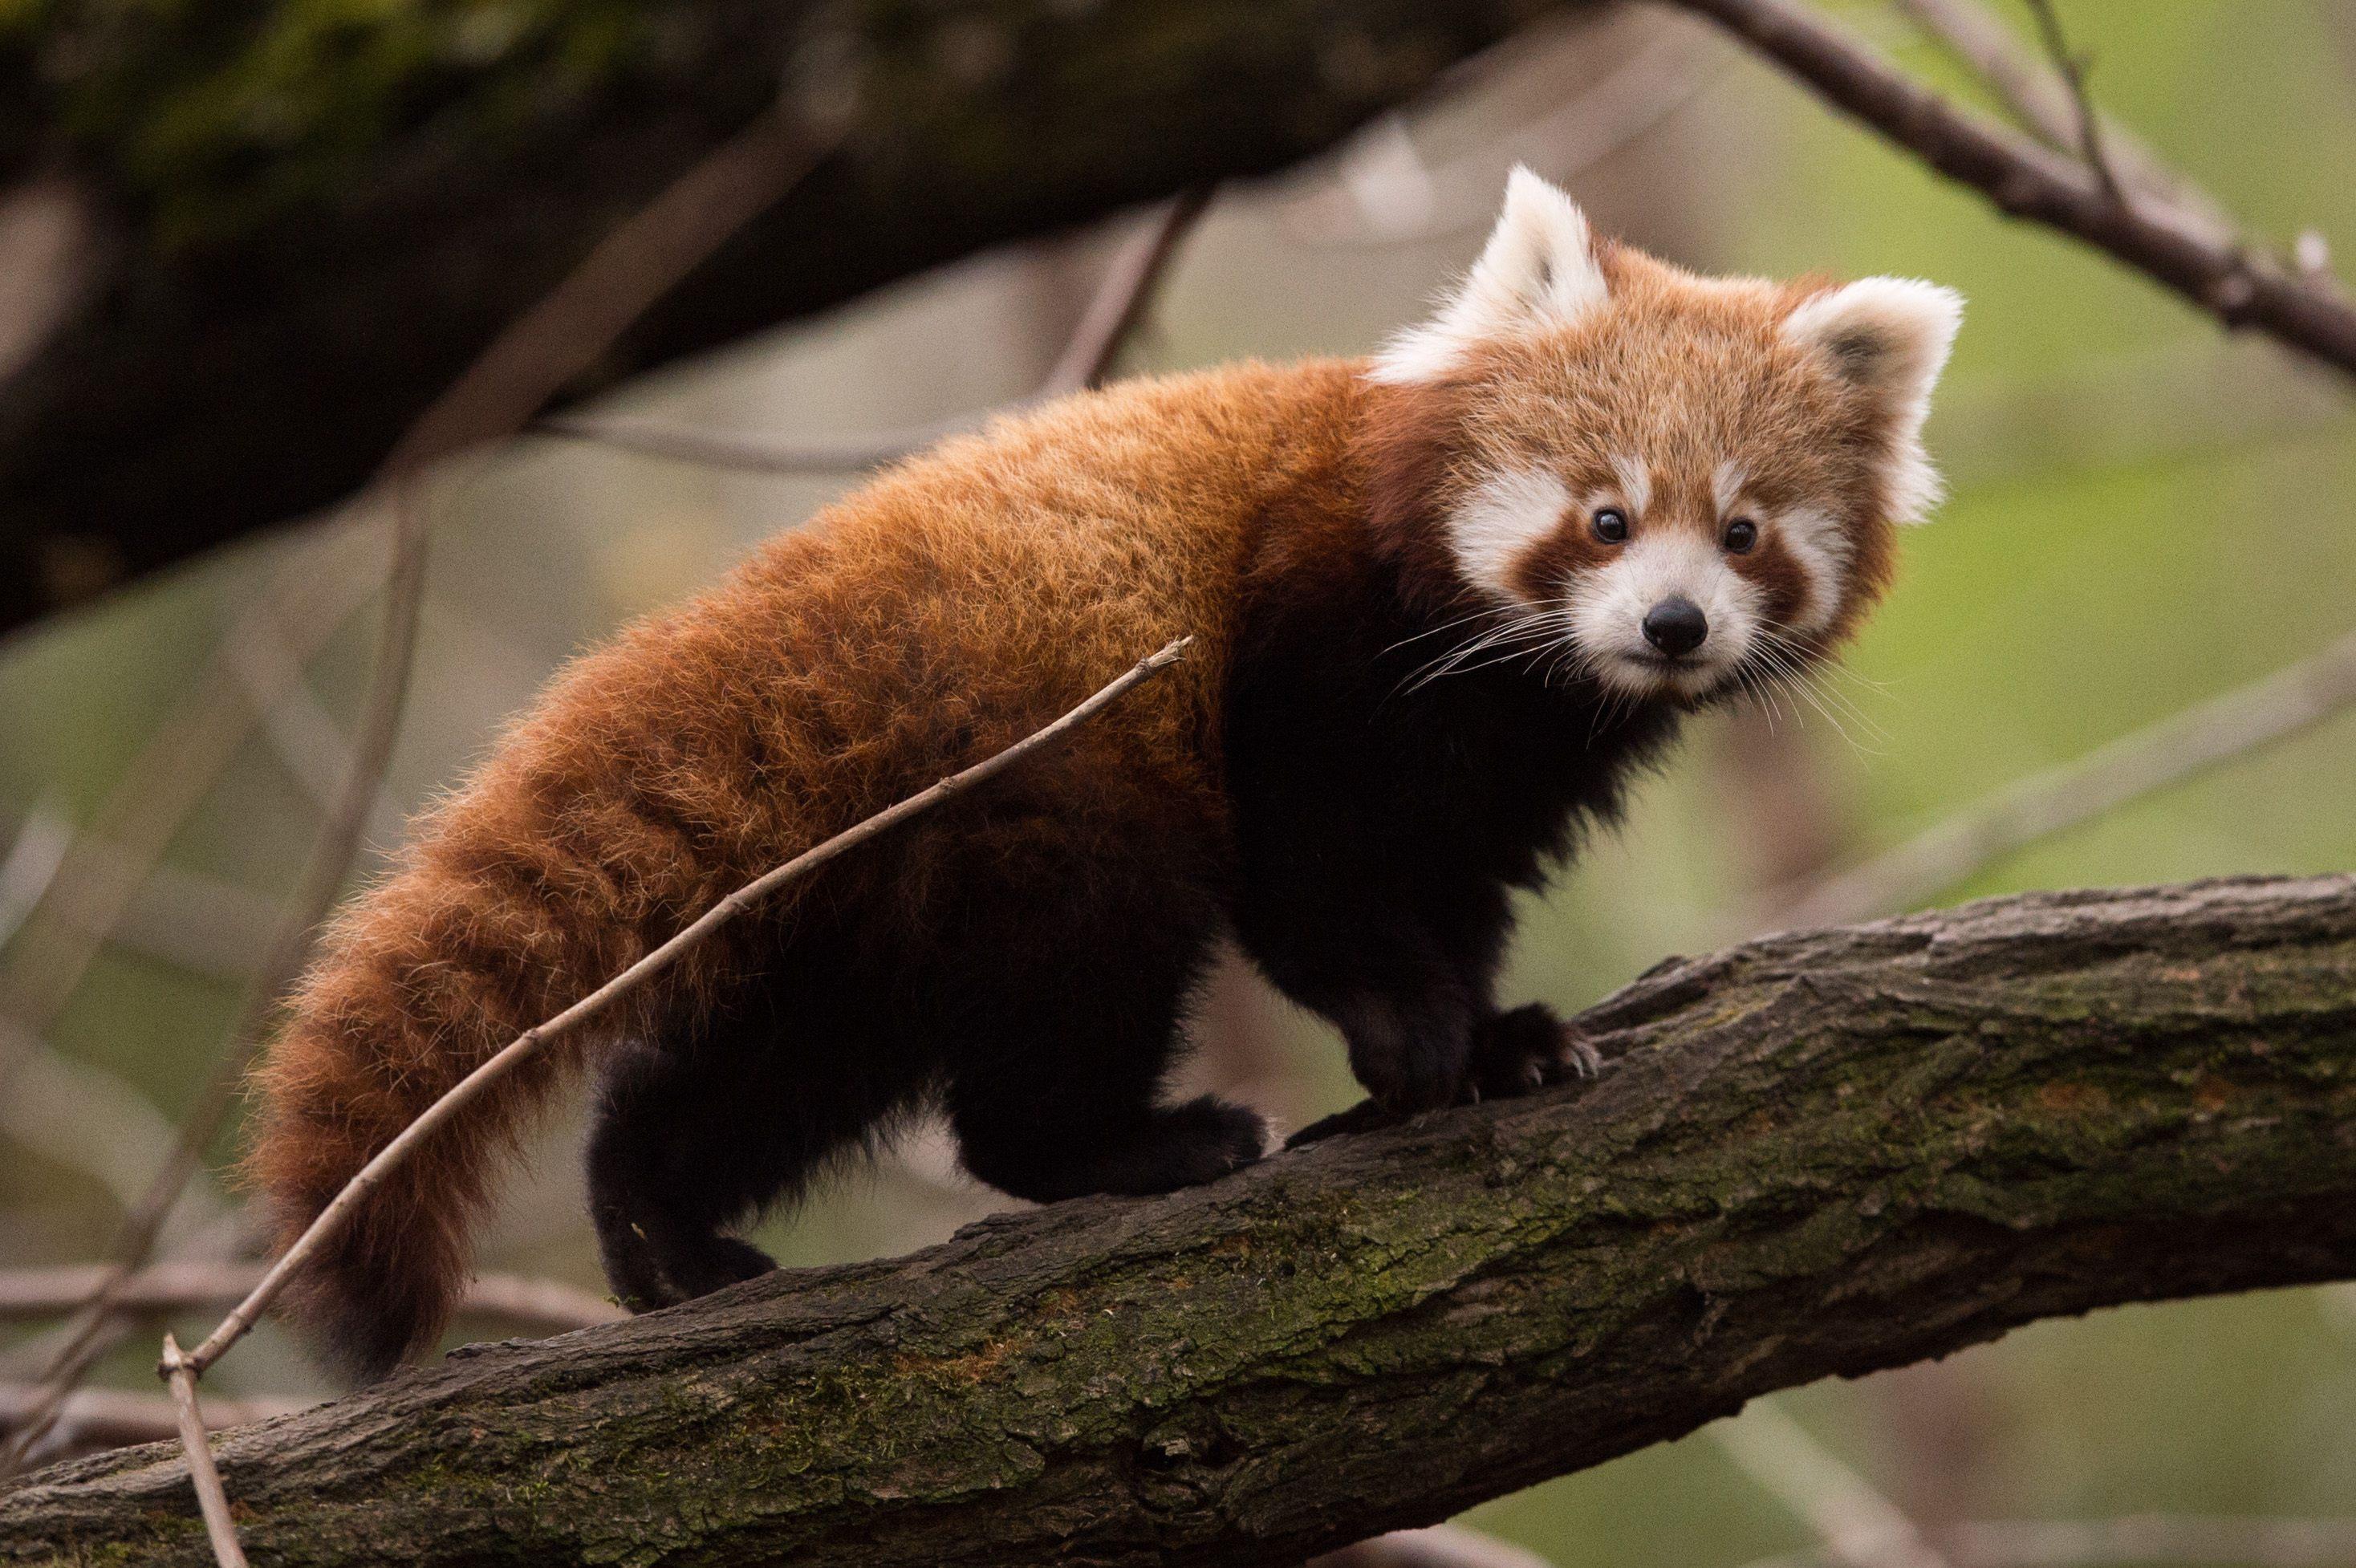 Megszökött egy reménytelenül szerelmes vörös panda egy virginiai állatkertből